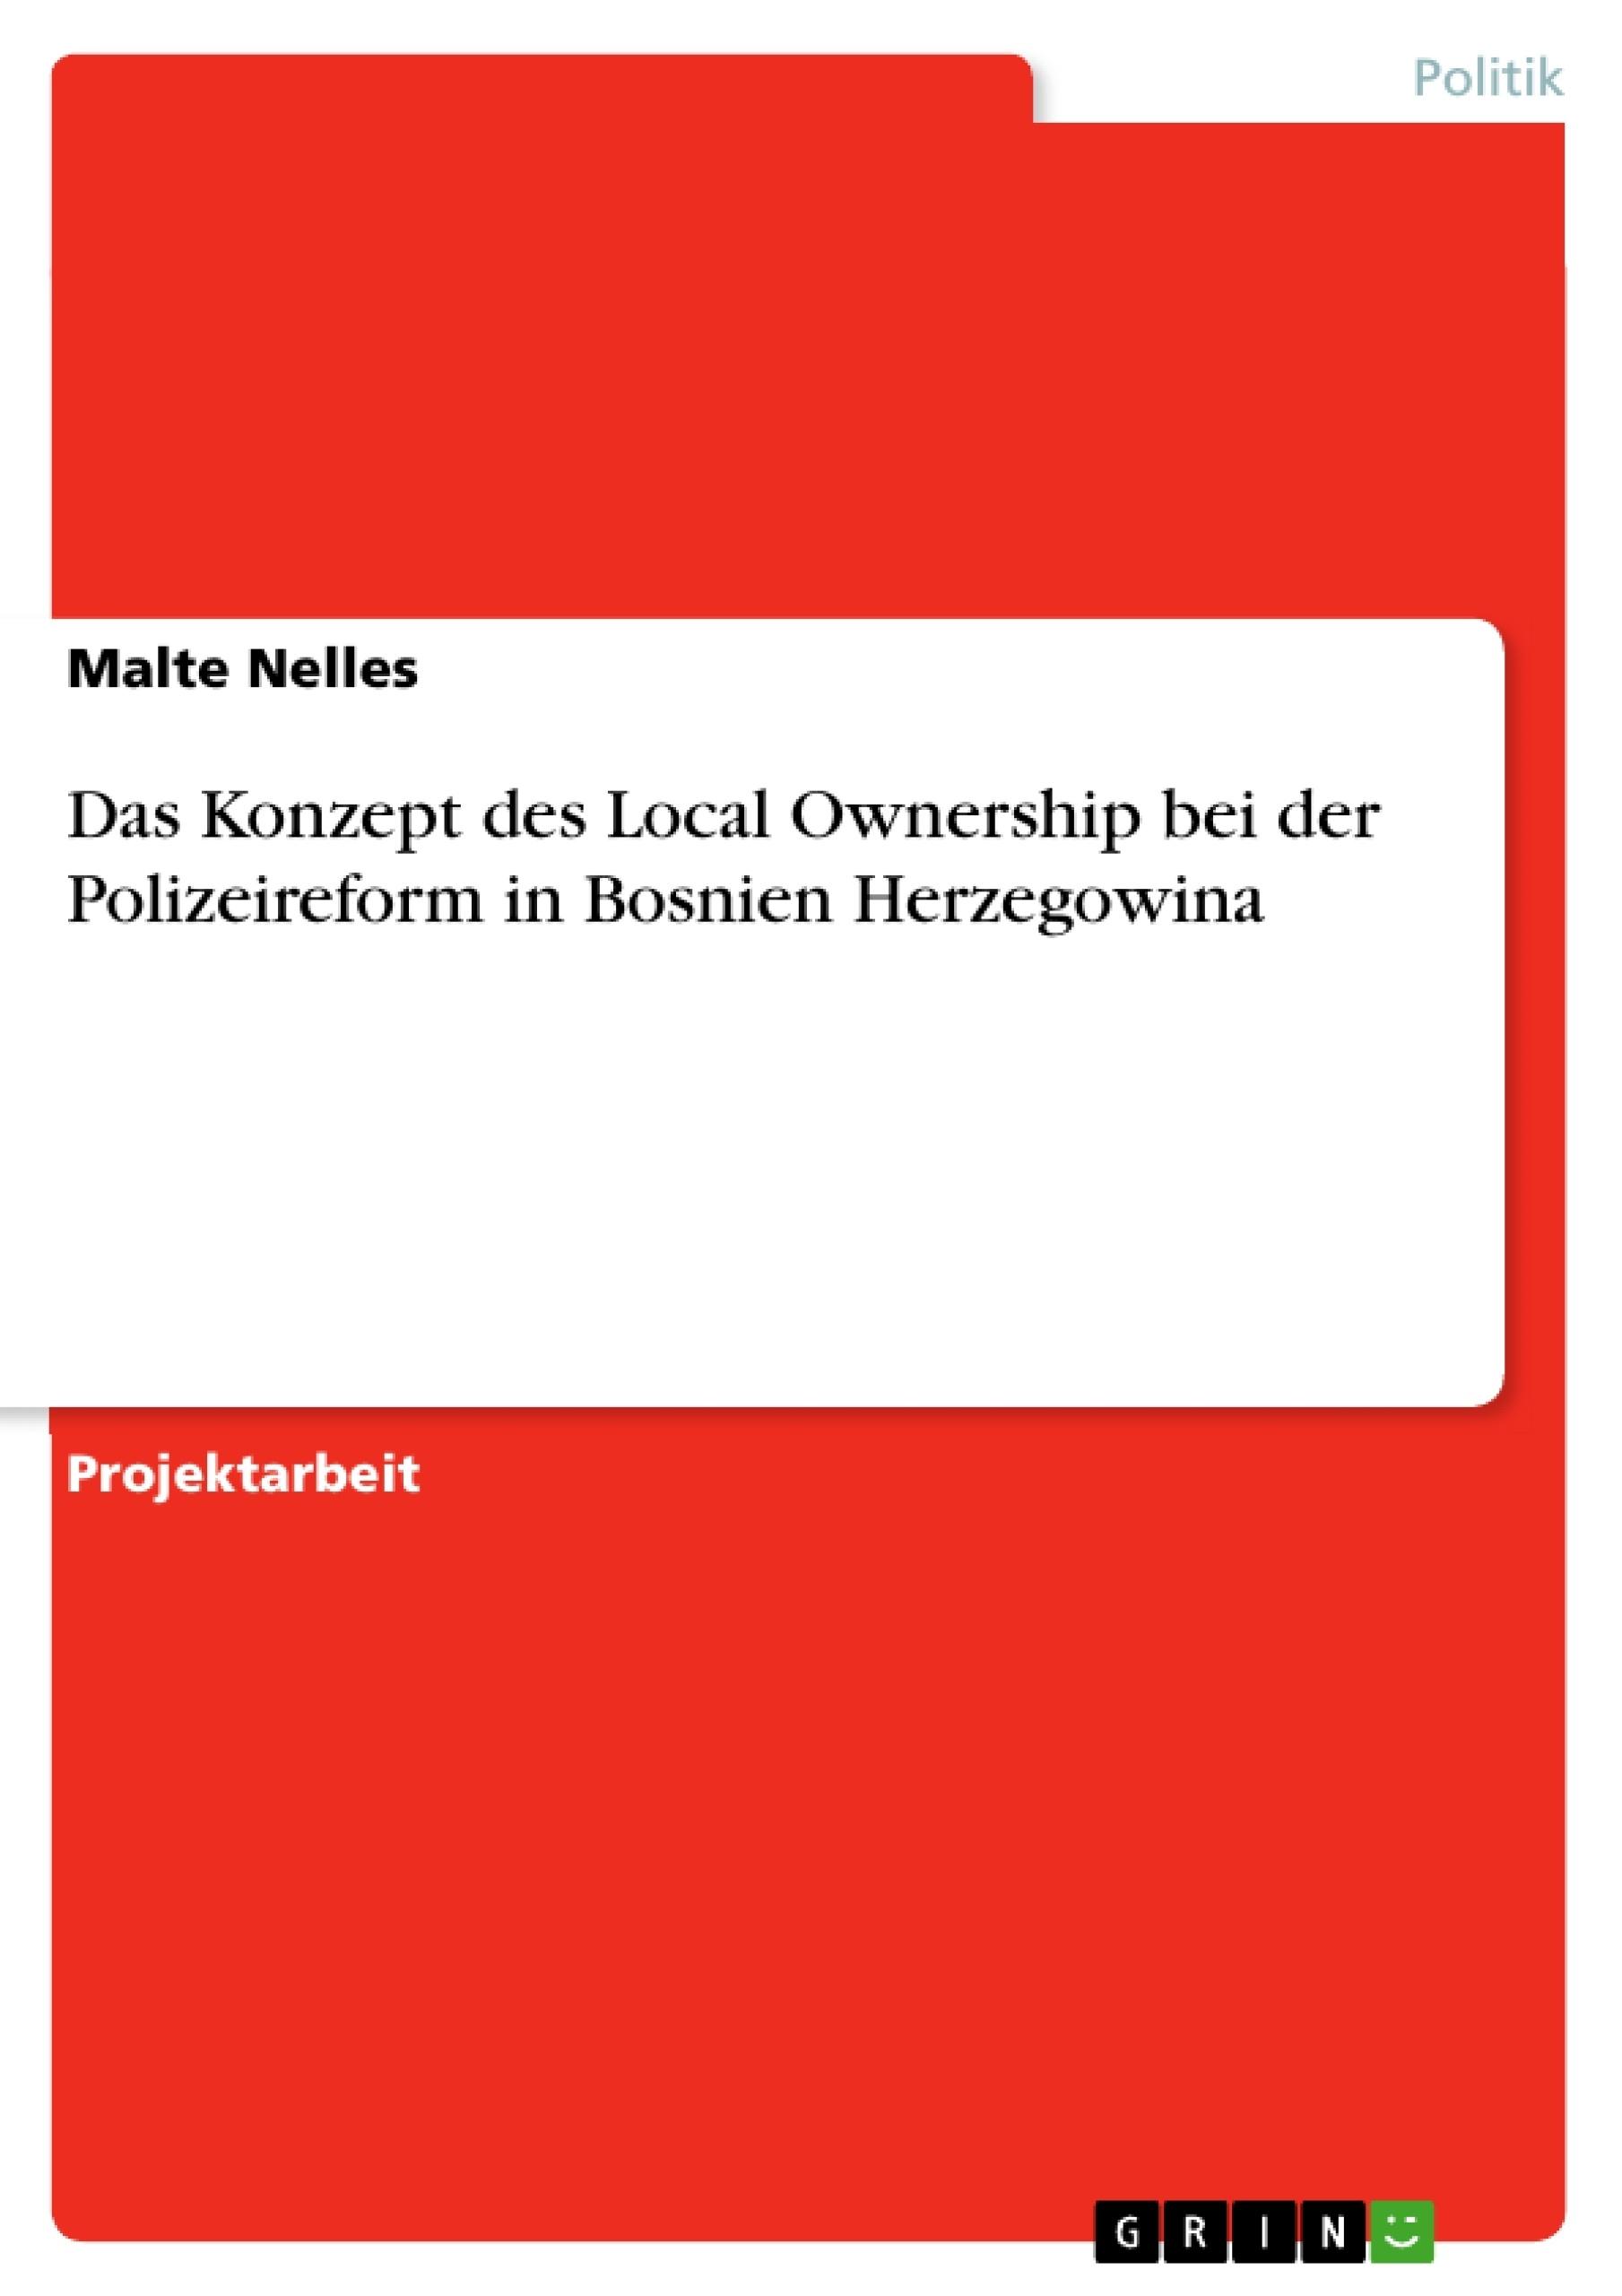 Titel: Das Konzept des Local Ownership bei der Polizeireform in Bosnien Herzegowina